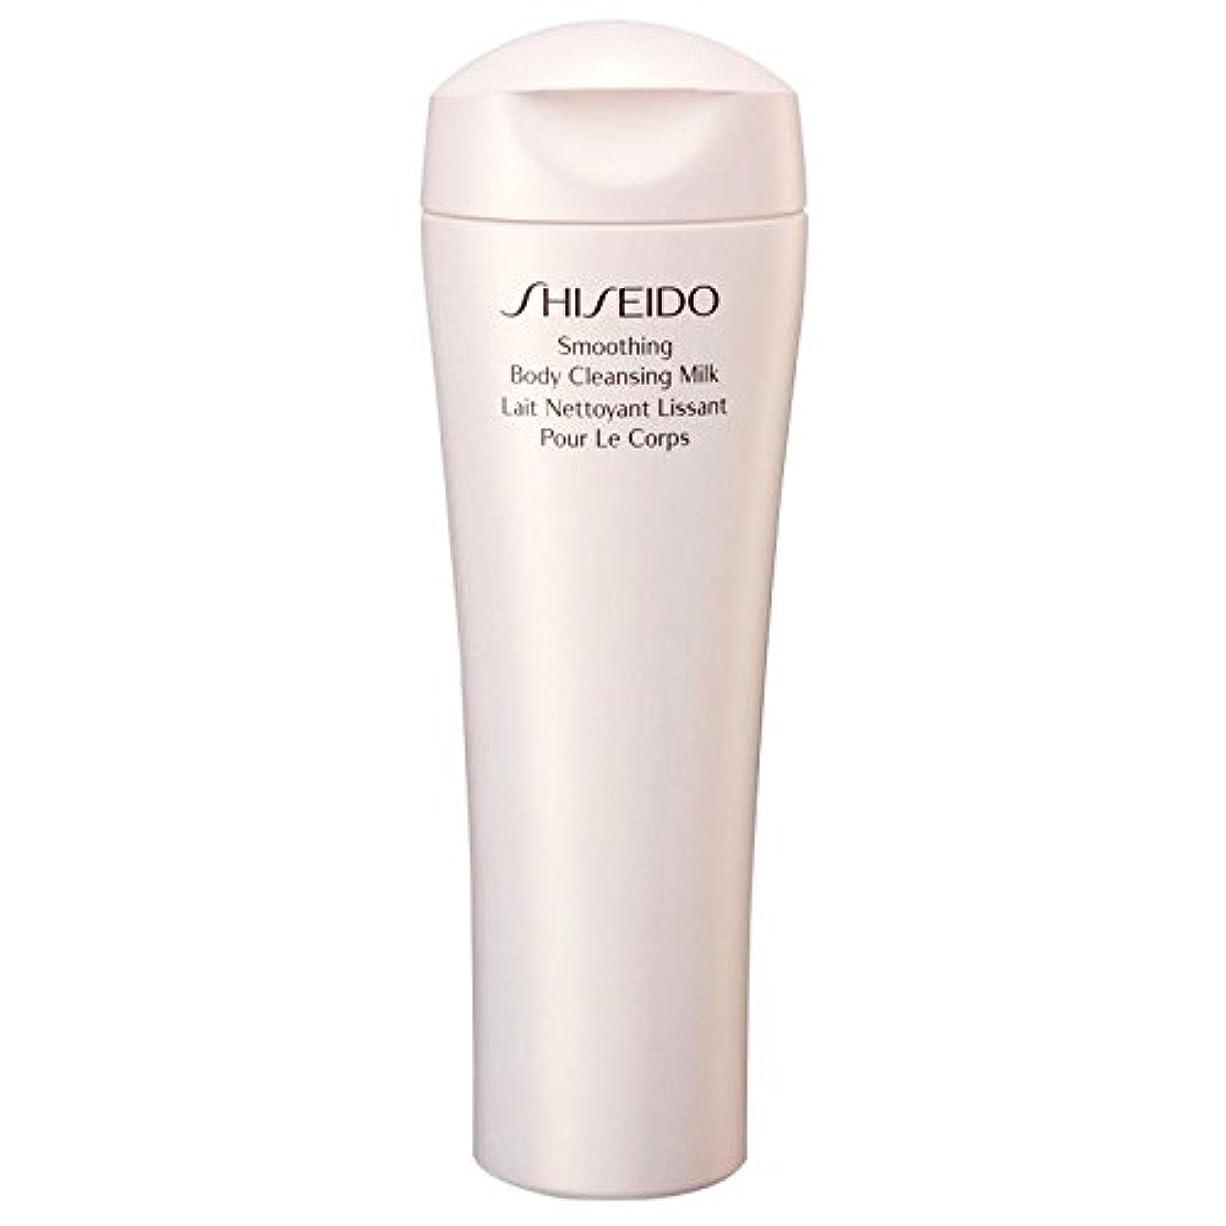 物思いにふけるセンチメンタルワイド[Shiseido] 資生堂スムージングボディクレンジングミルク200ミリリットル - Shiseido Smoothing Body Cleansing Milk 200ml [並行輸入品]